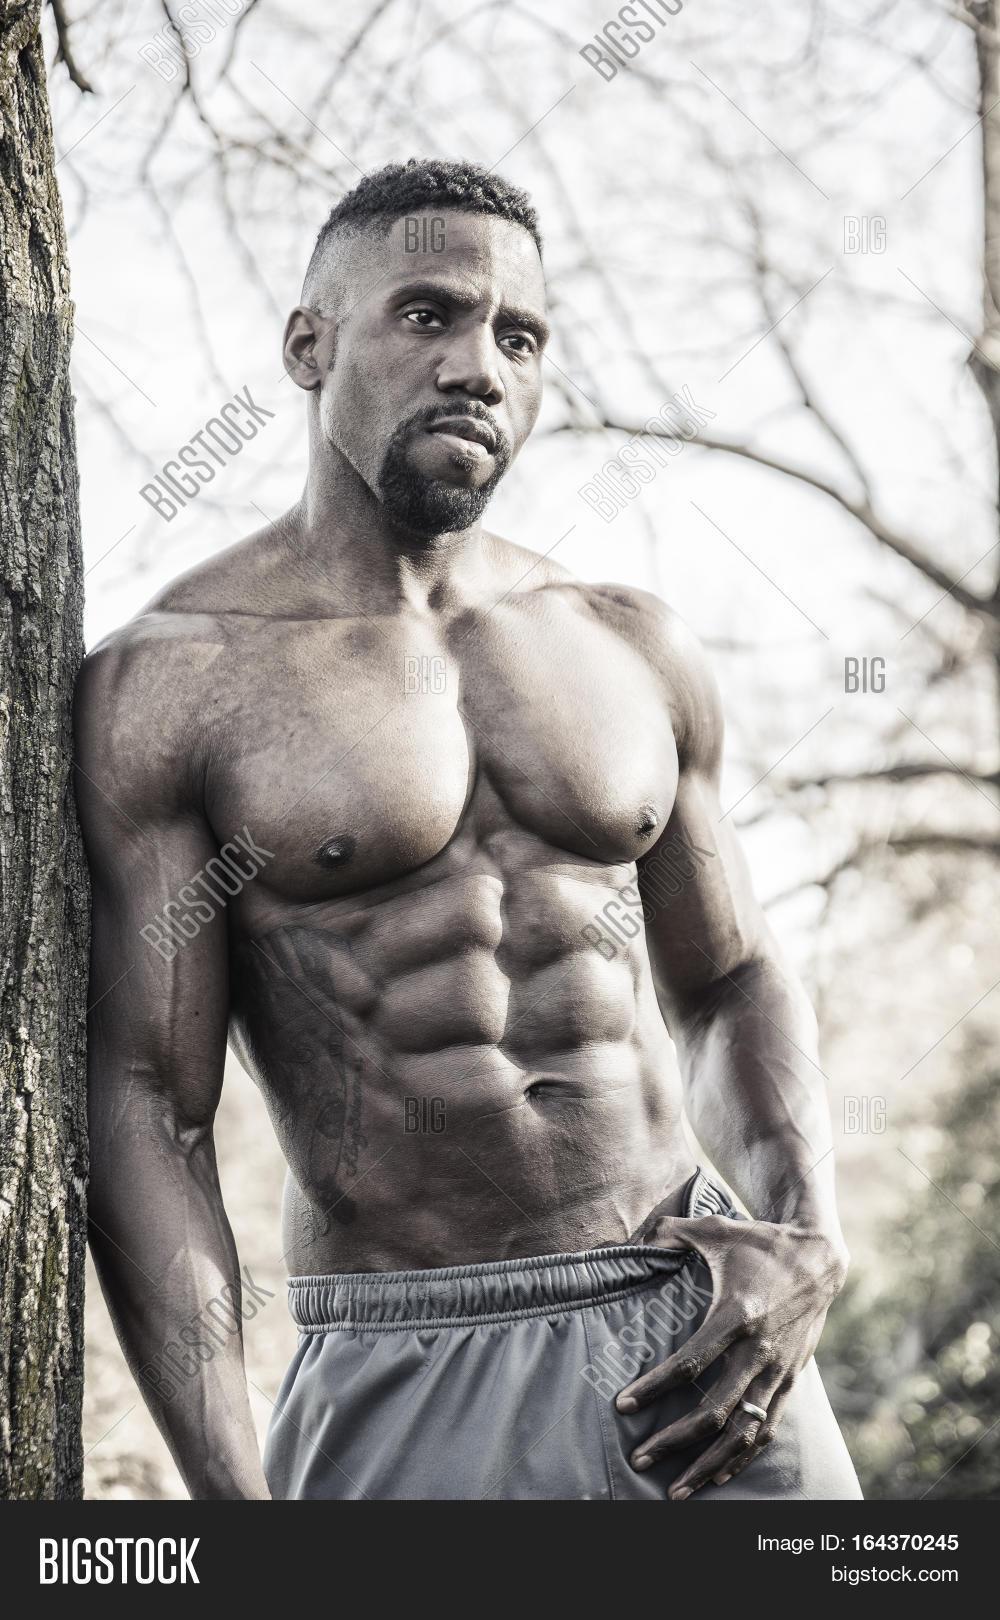 Muscular Shirtless Image Photo Free Trial Bigstock